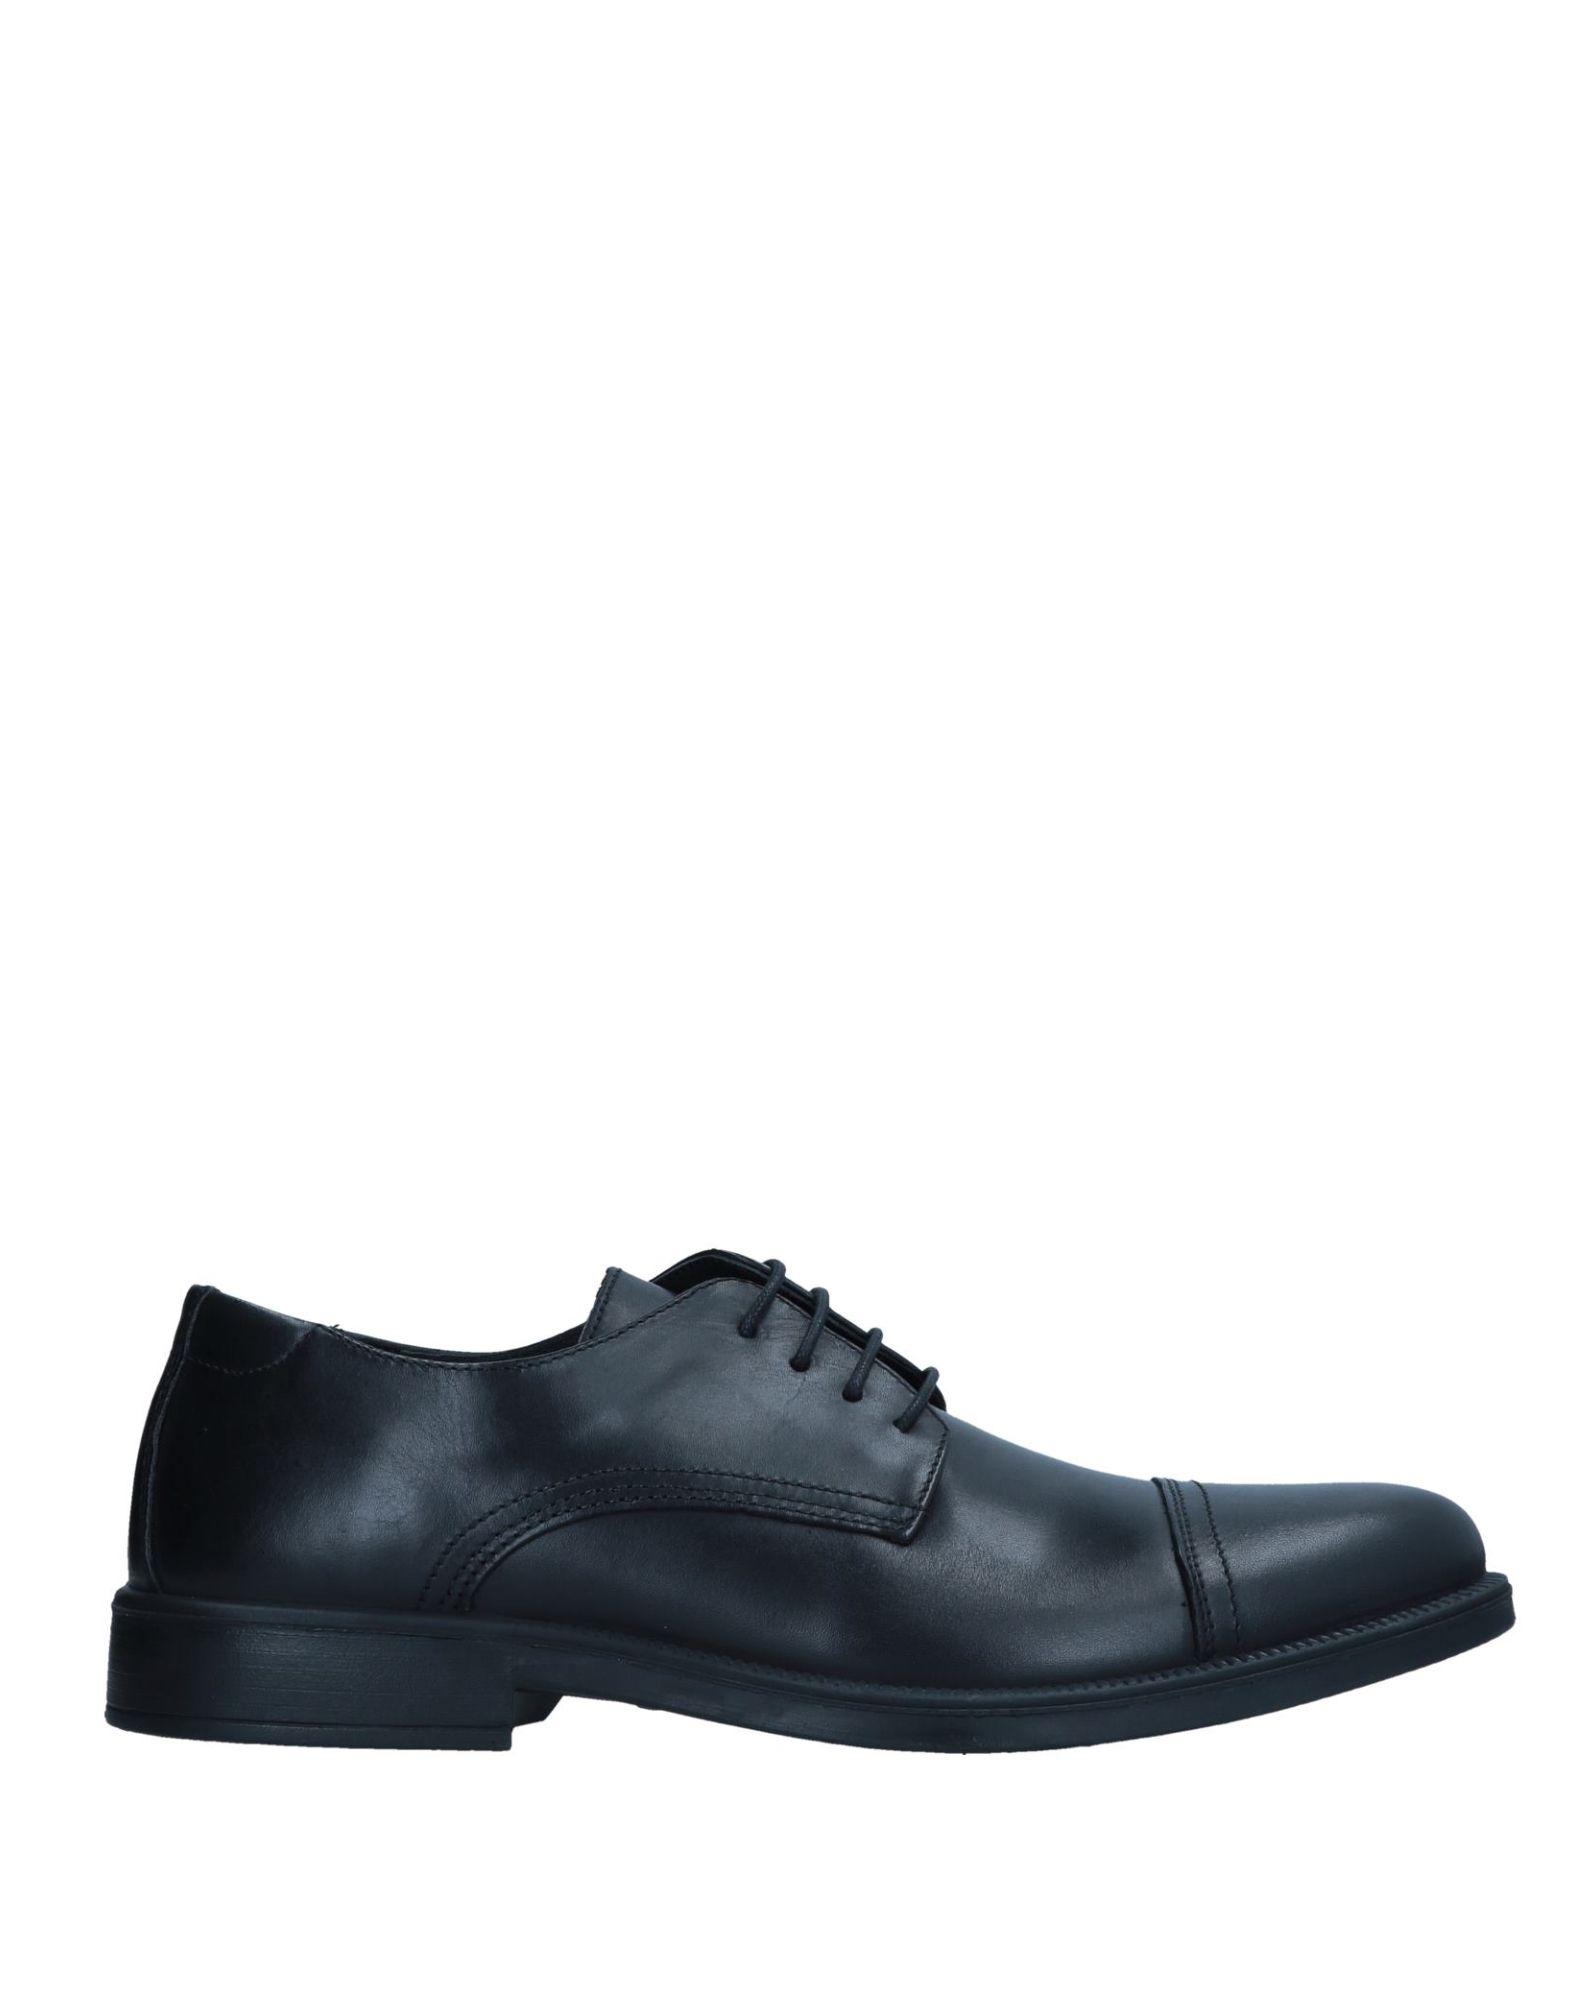 Фото - IMAC Обувь на шнурках обувь на высокой платформе dkny